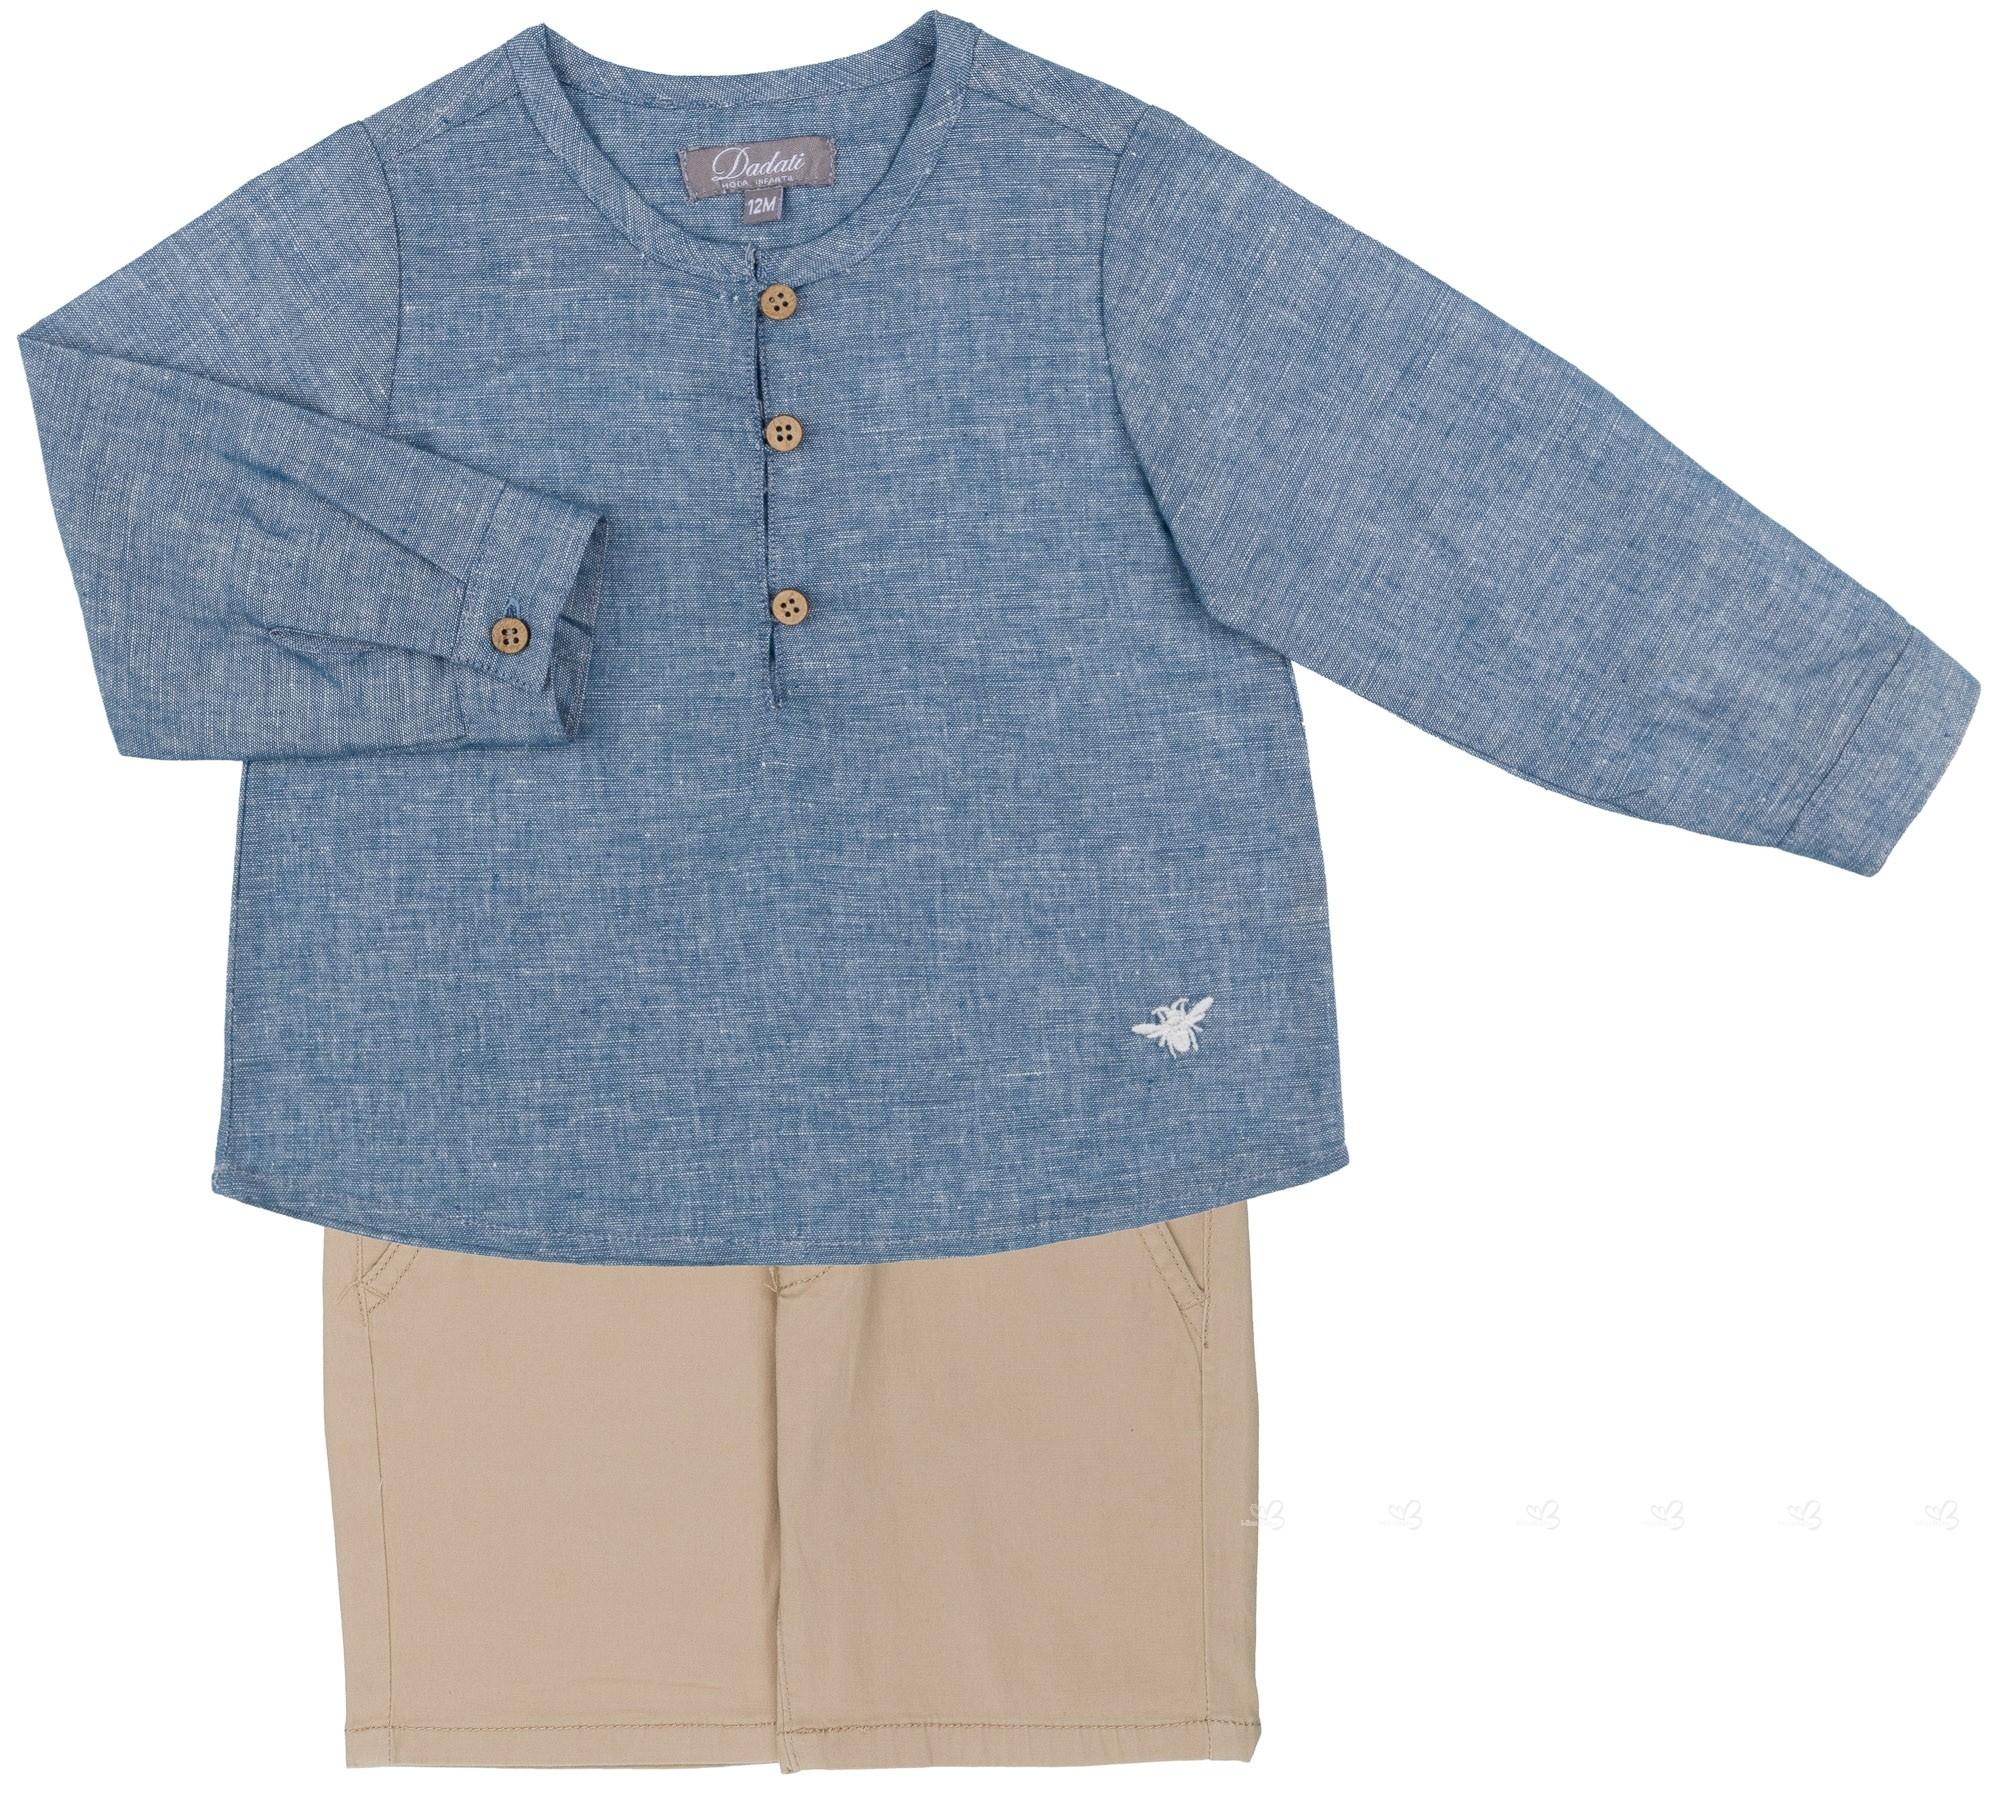 6cac28e207f Home  Boys Blue Denim Shirt   Beige Shorts 2 Piece Set. Dadati Conjunto  Niño Camisa Denim   Short Camel ...